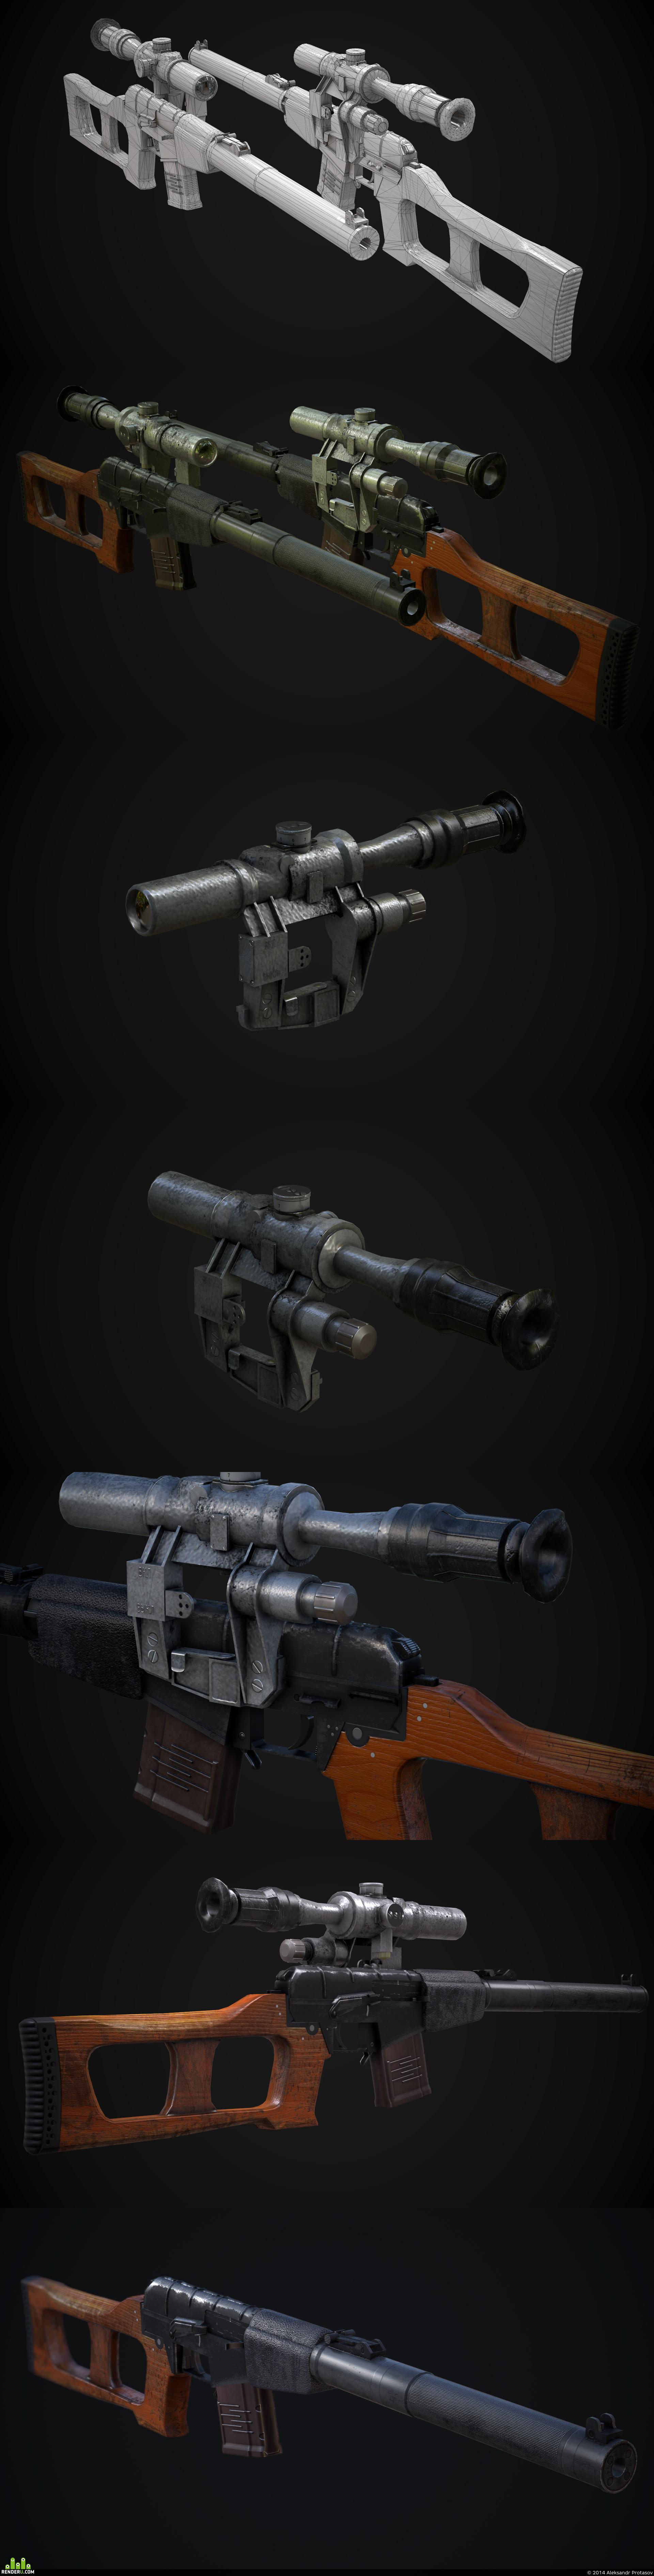 preview Винтовка специальная снайперская (ВСС) «Винторез»